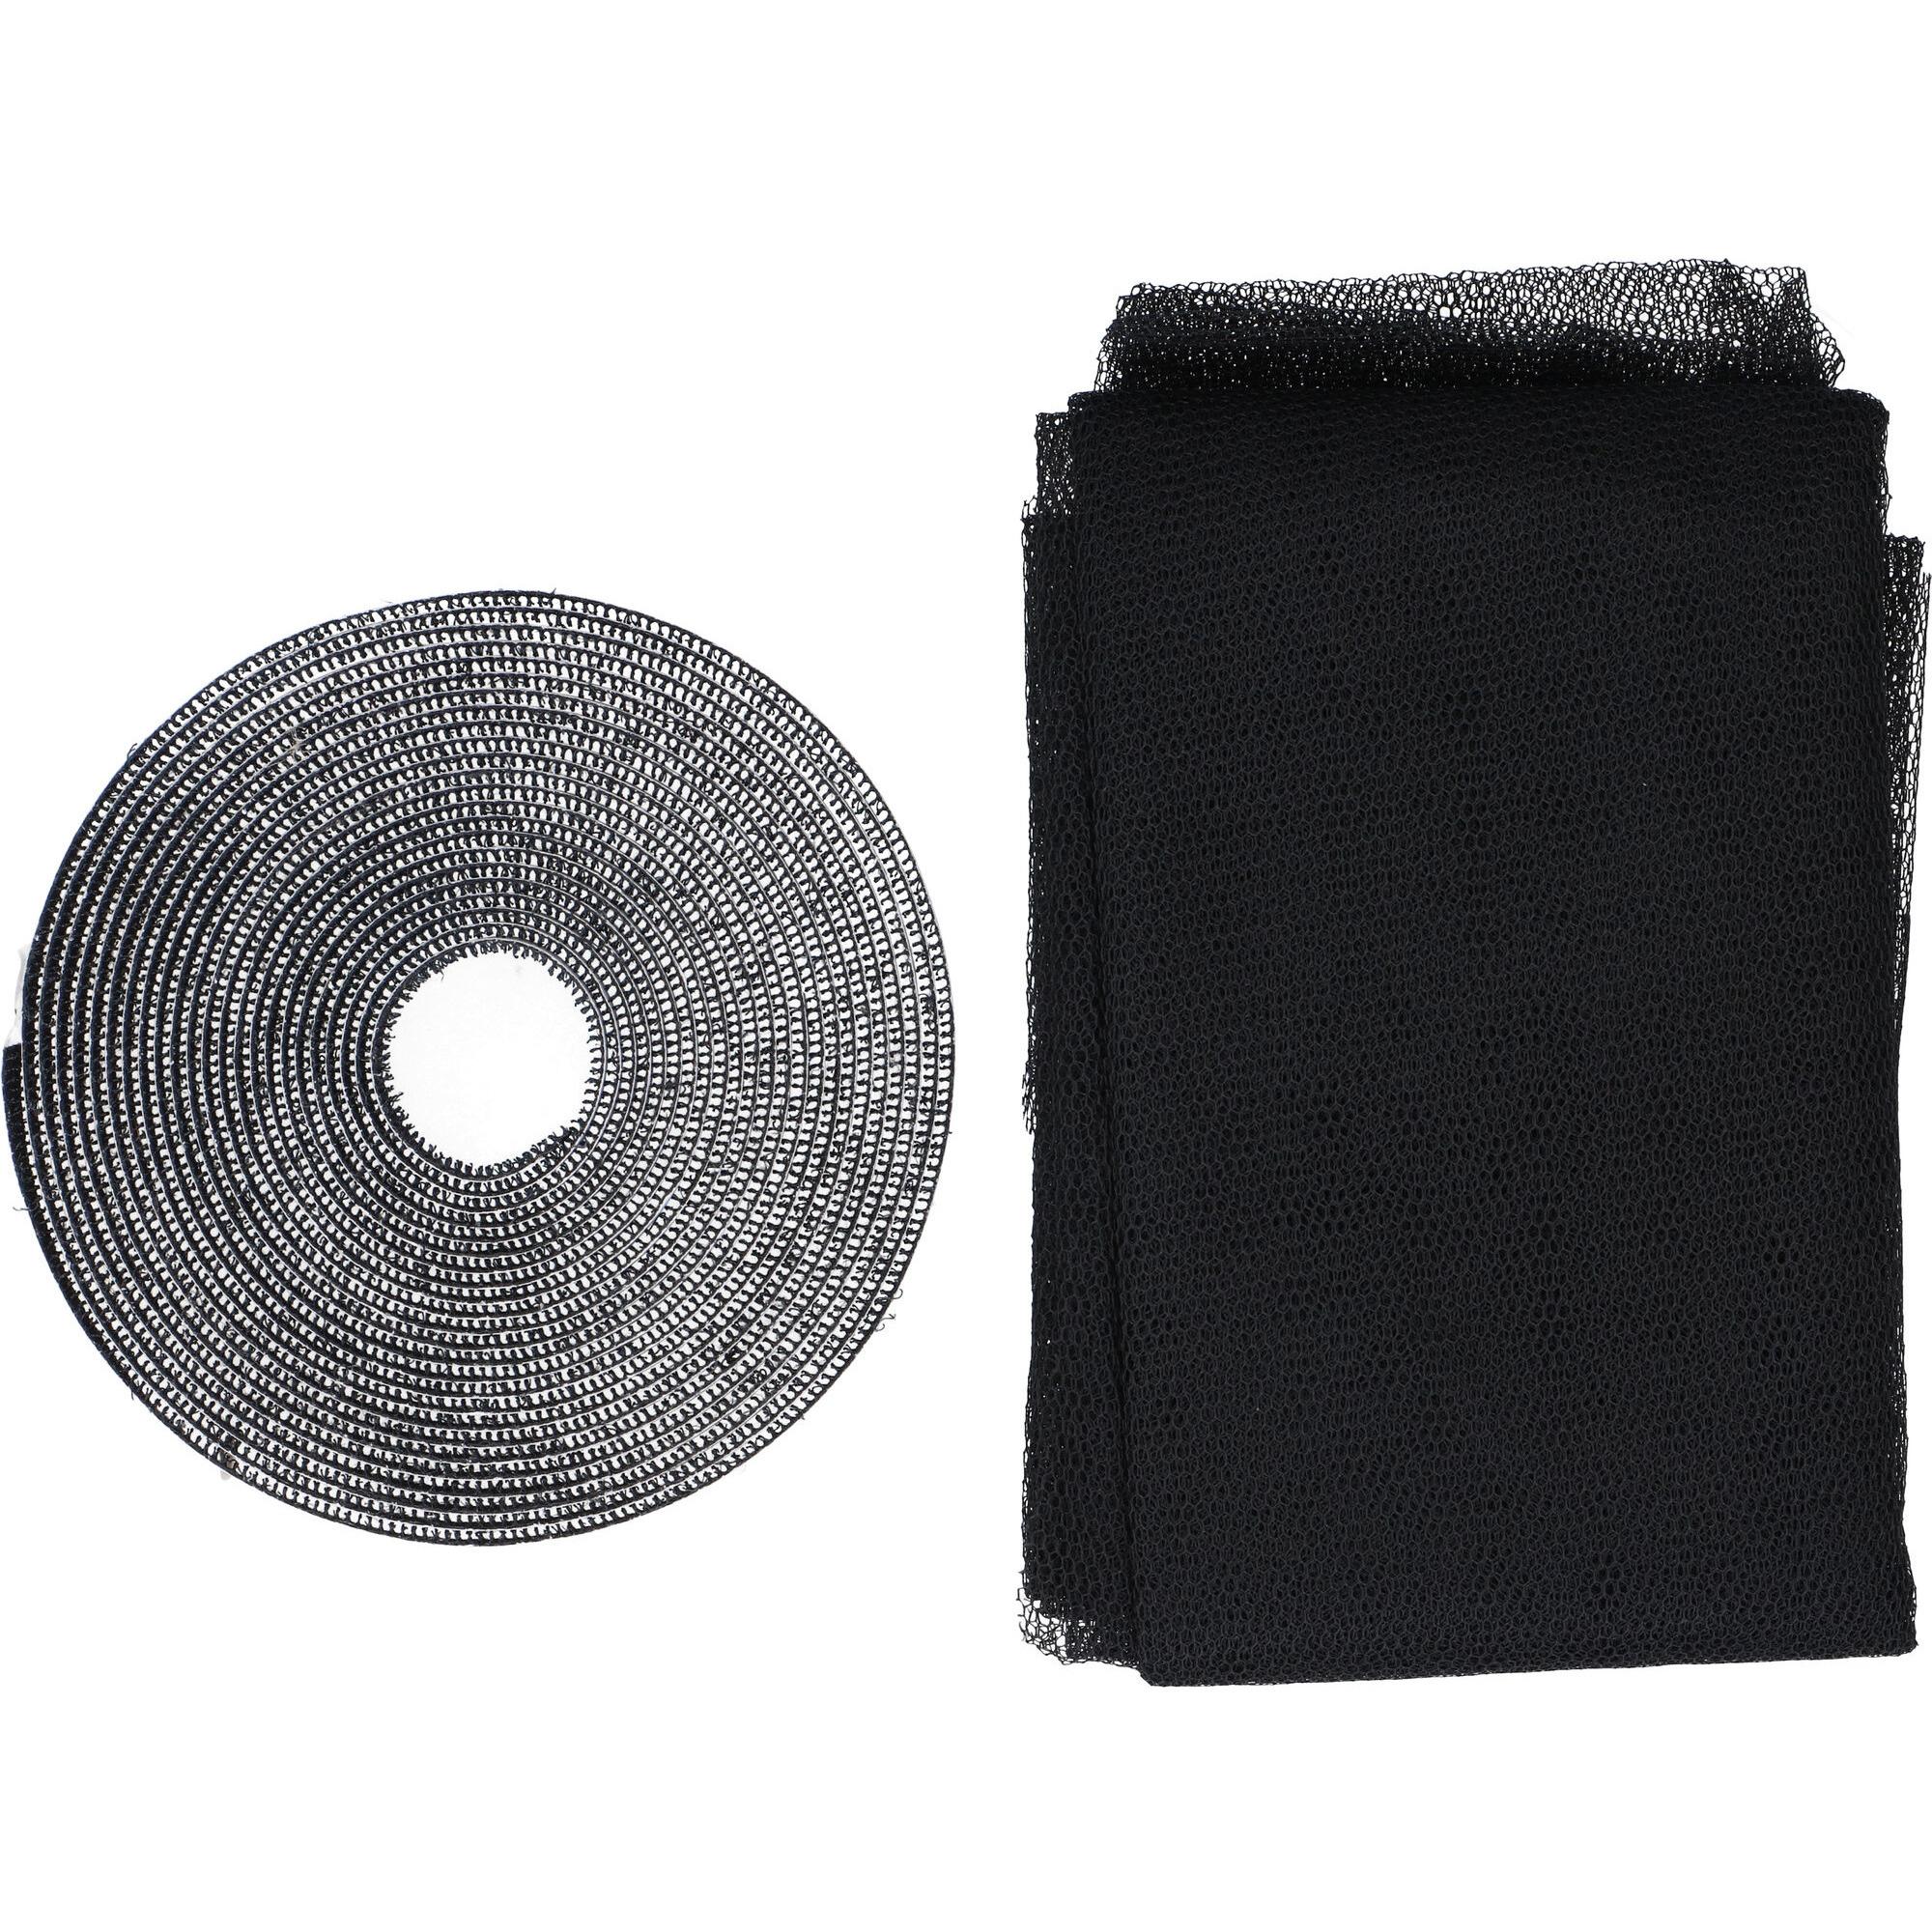 3x Opzet hor zwart 150 x 130 cm